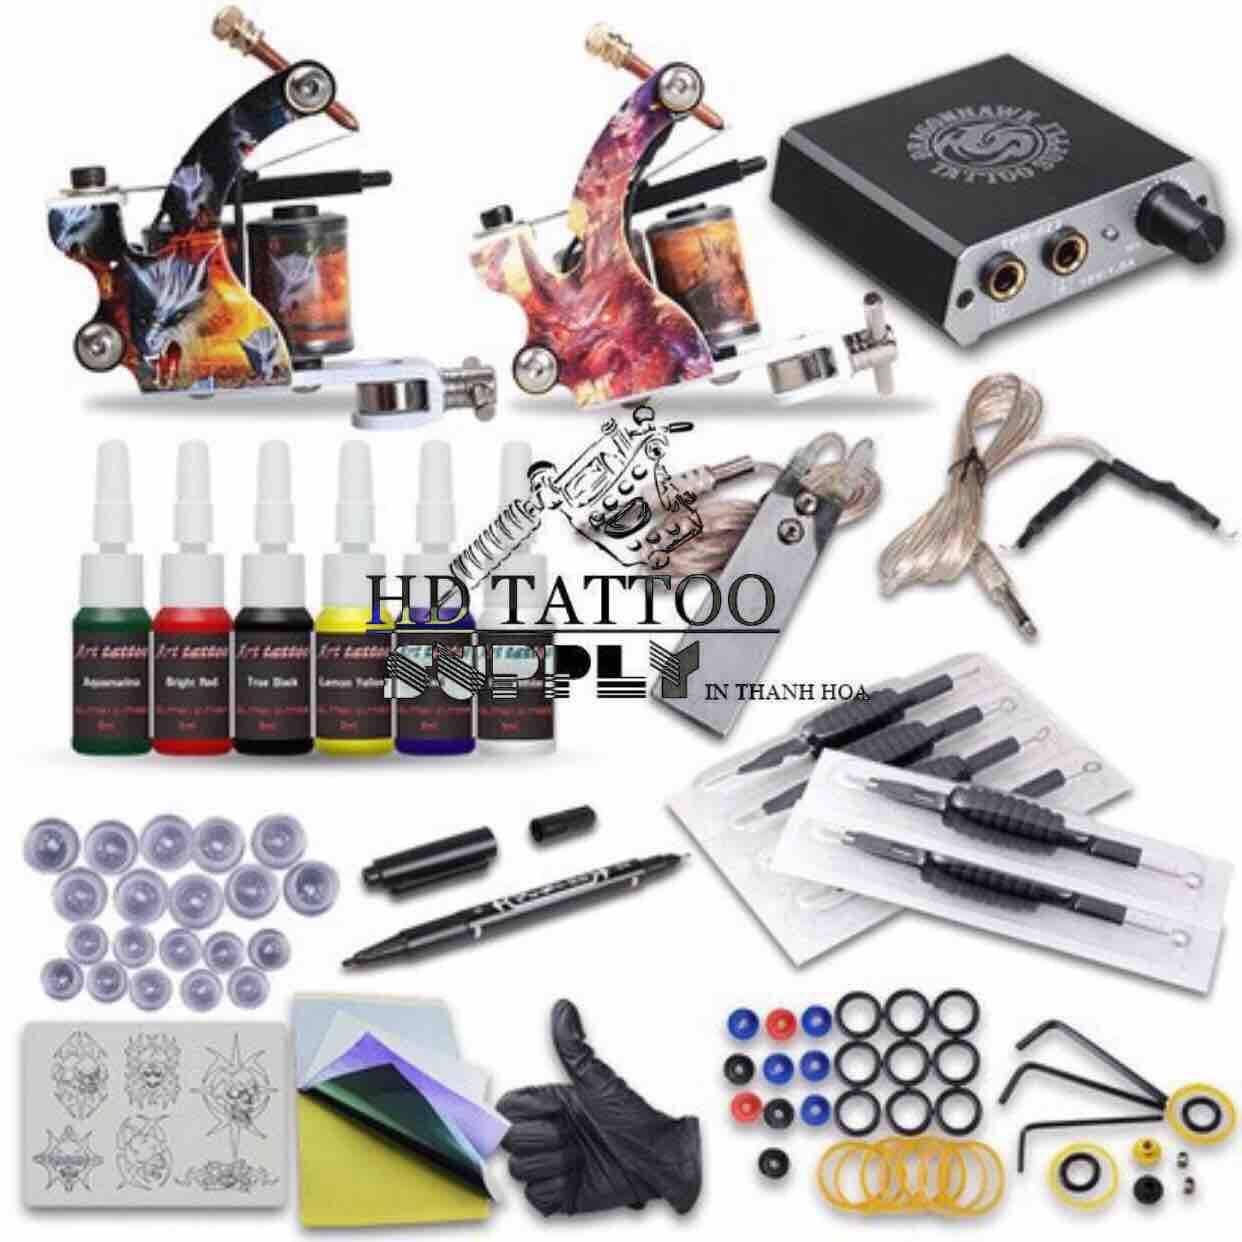 Trọn bộ máy xăm hình DRAGON kit tattoo 2 machine